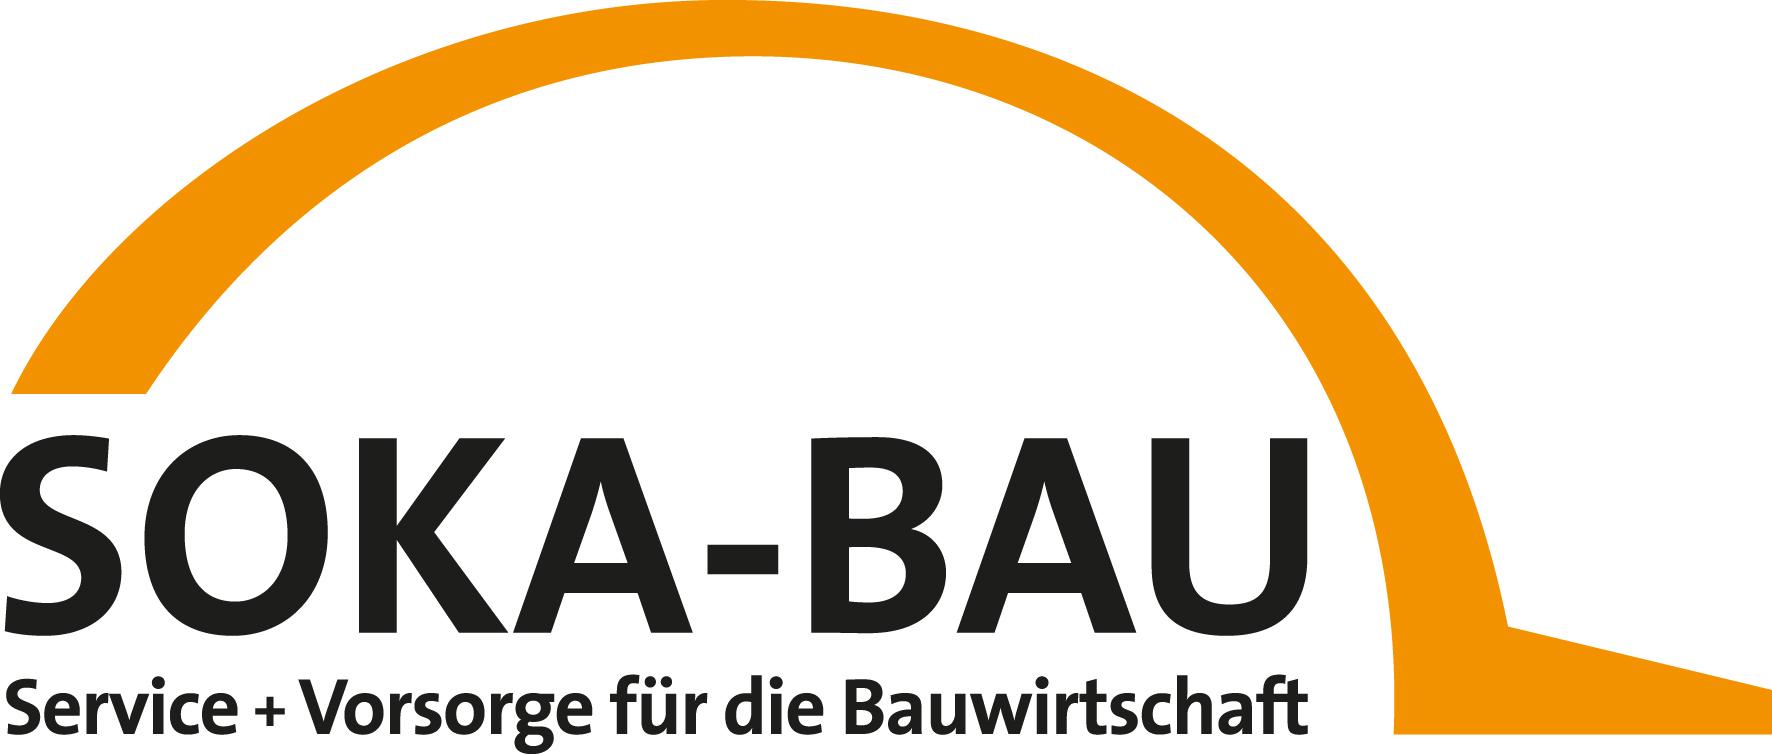 logo_soka-bau